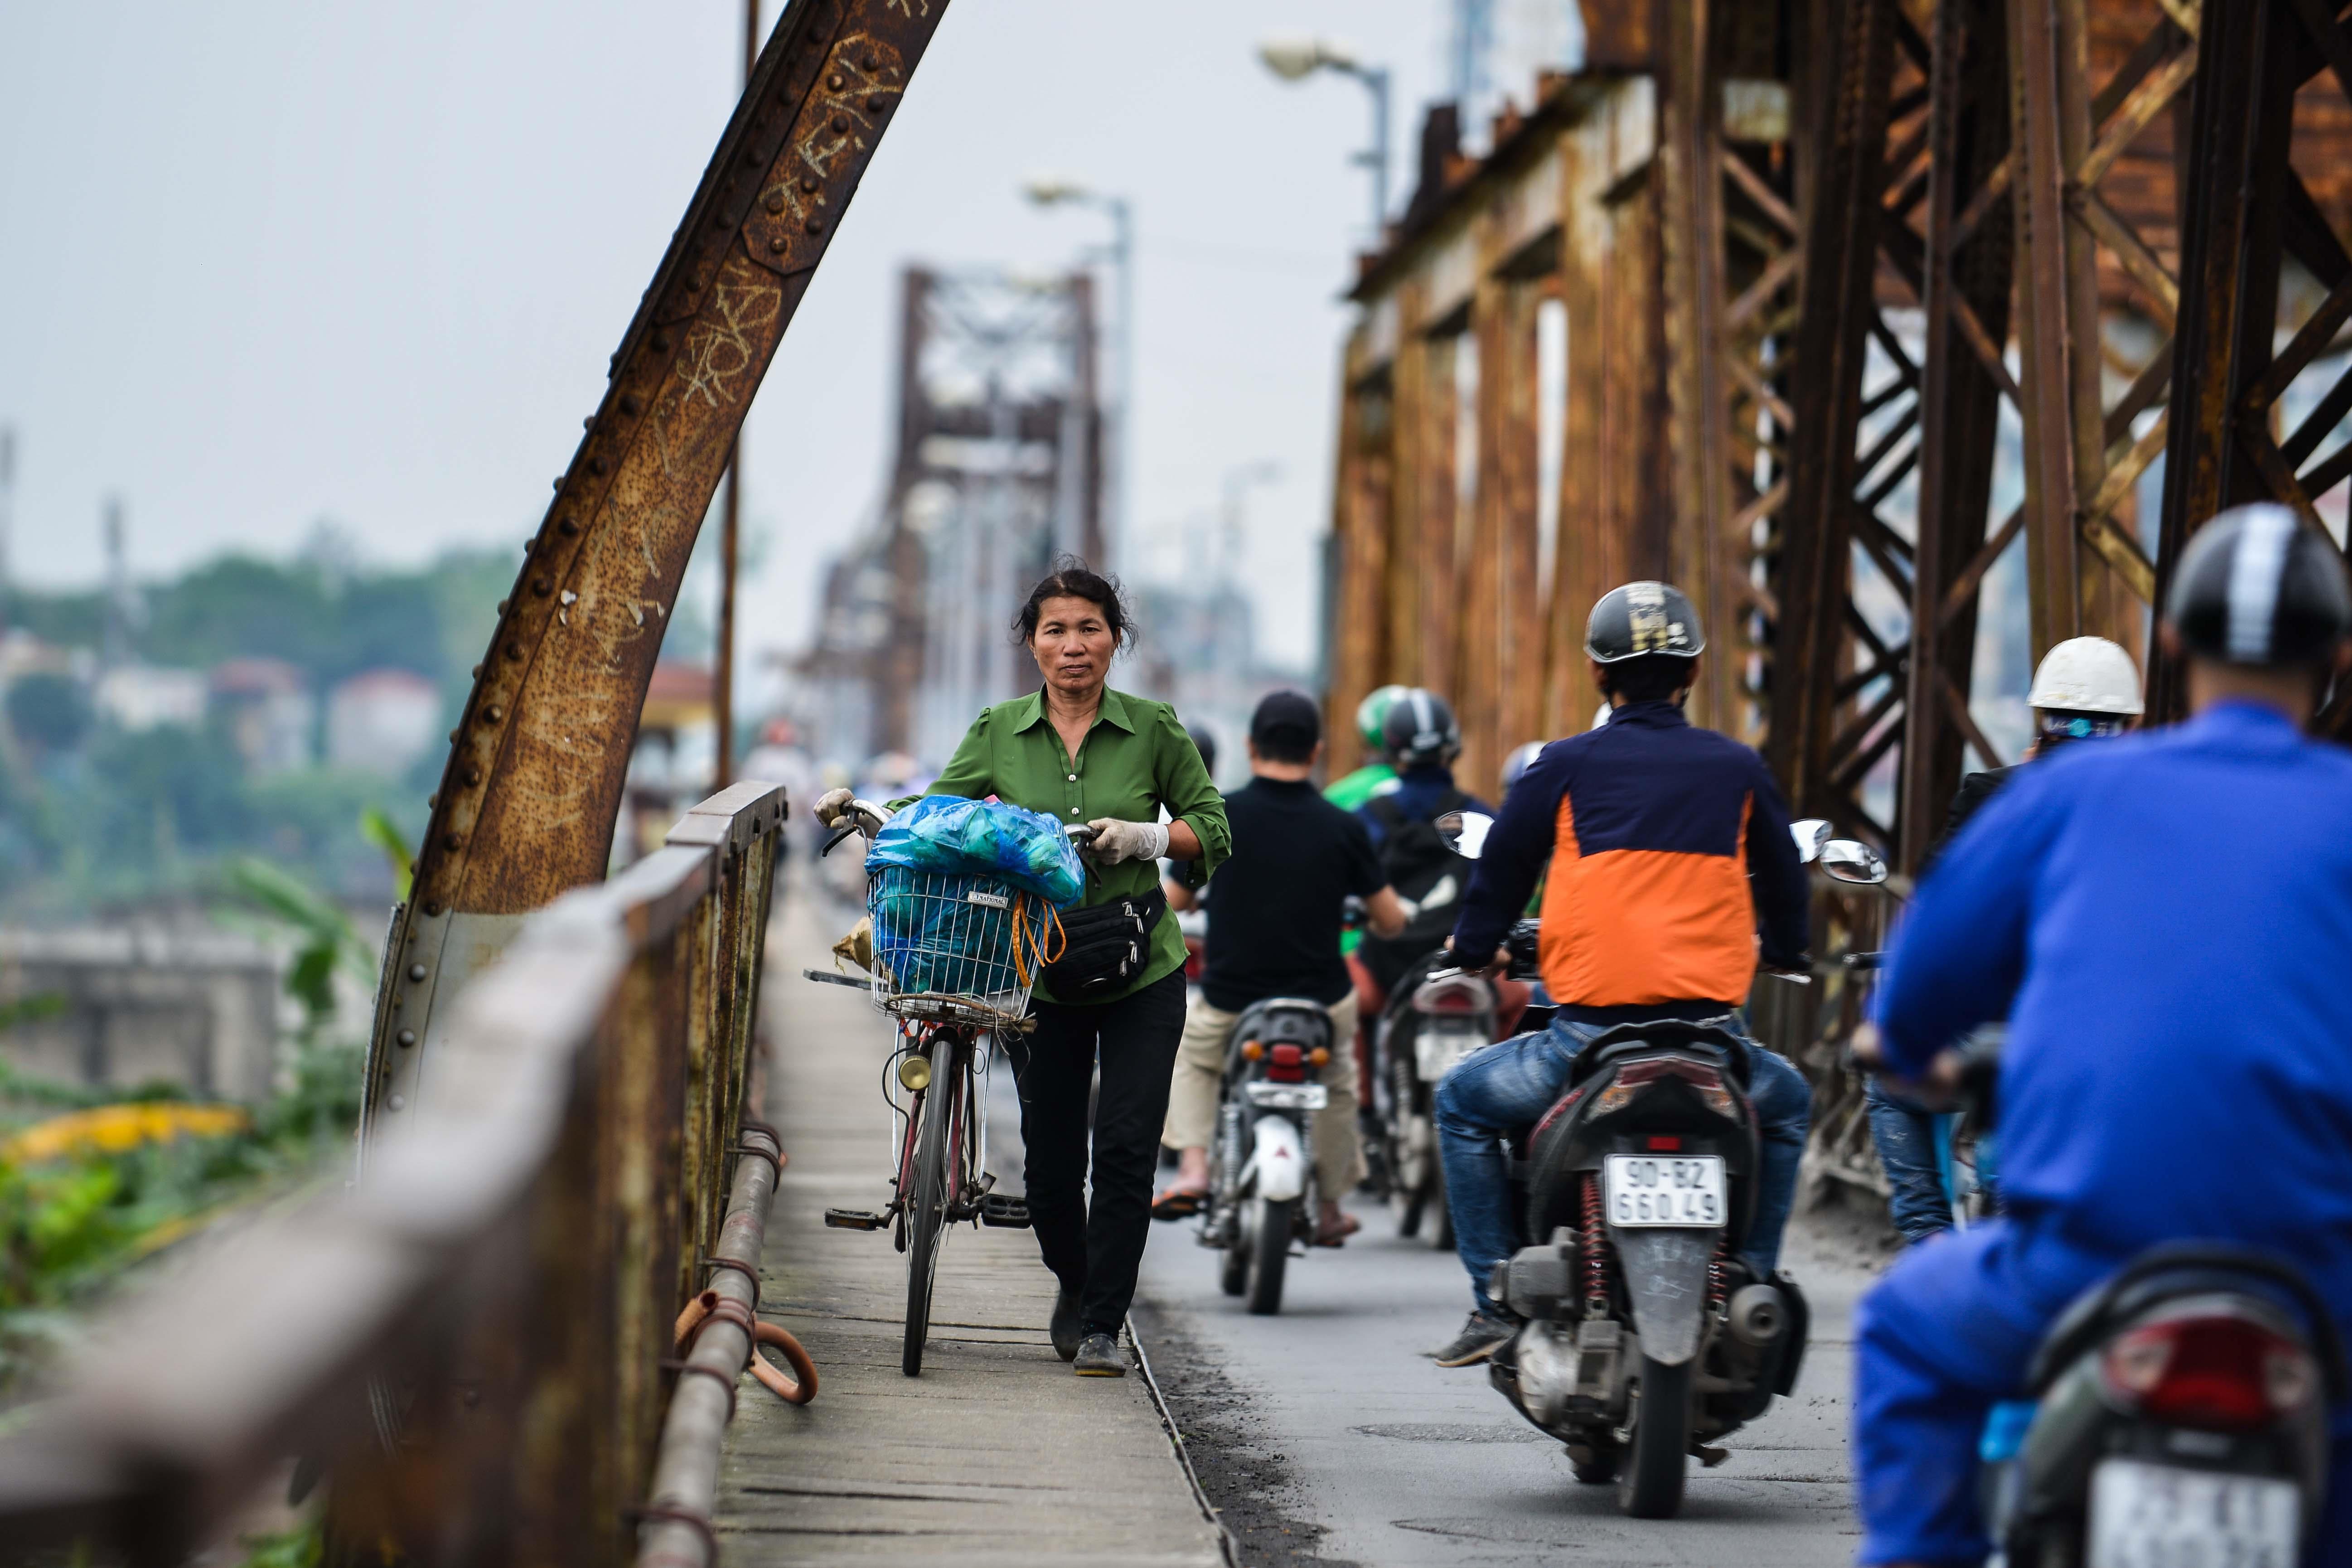 Cầu Long Biên thành chợ cóc, giao thông ùn ứ Ảnh 7